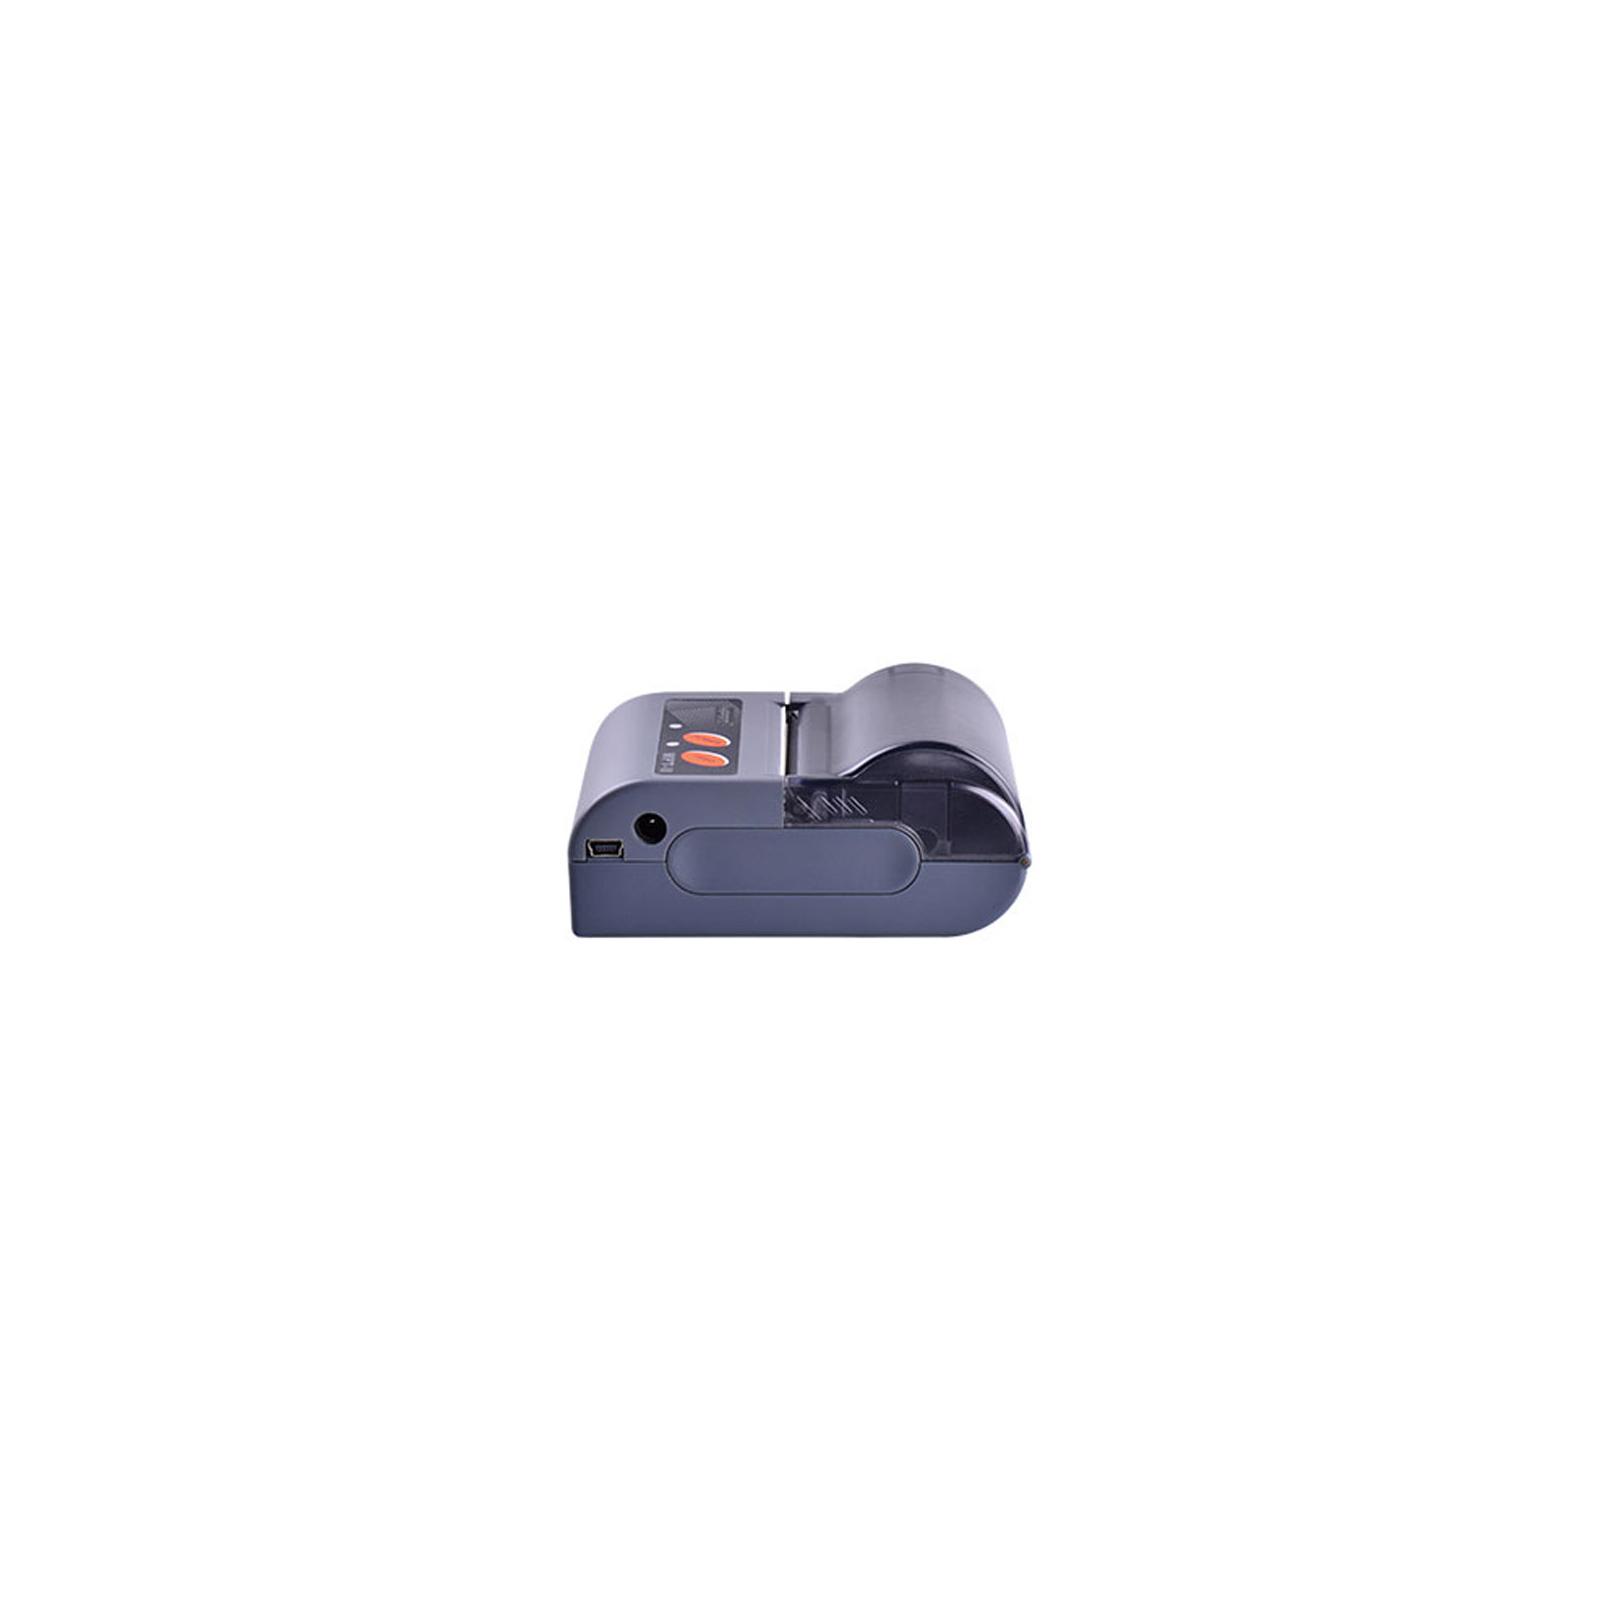 Принтер чеков Rongta RPP-02 (9722) изображение 3